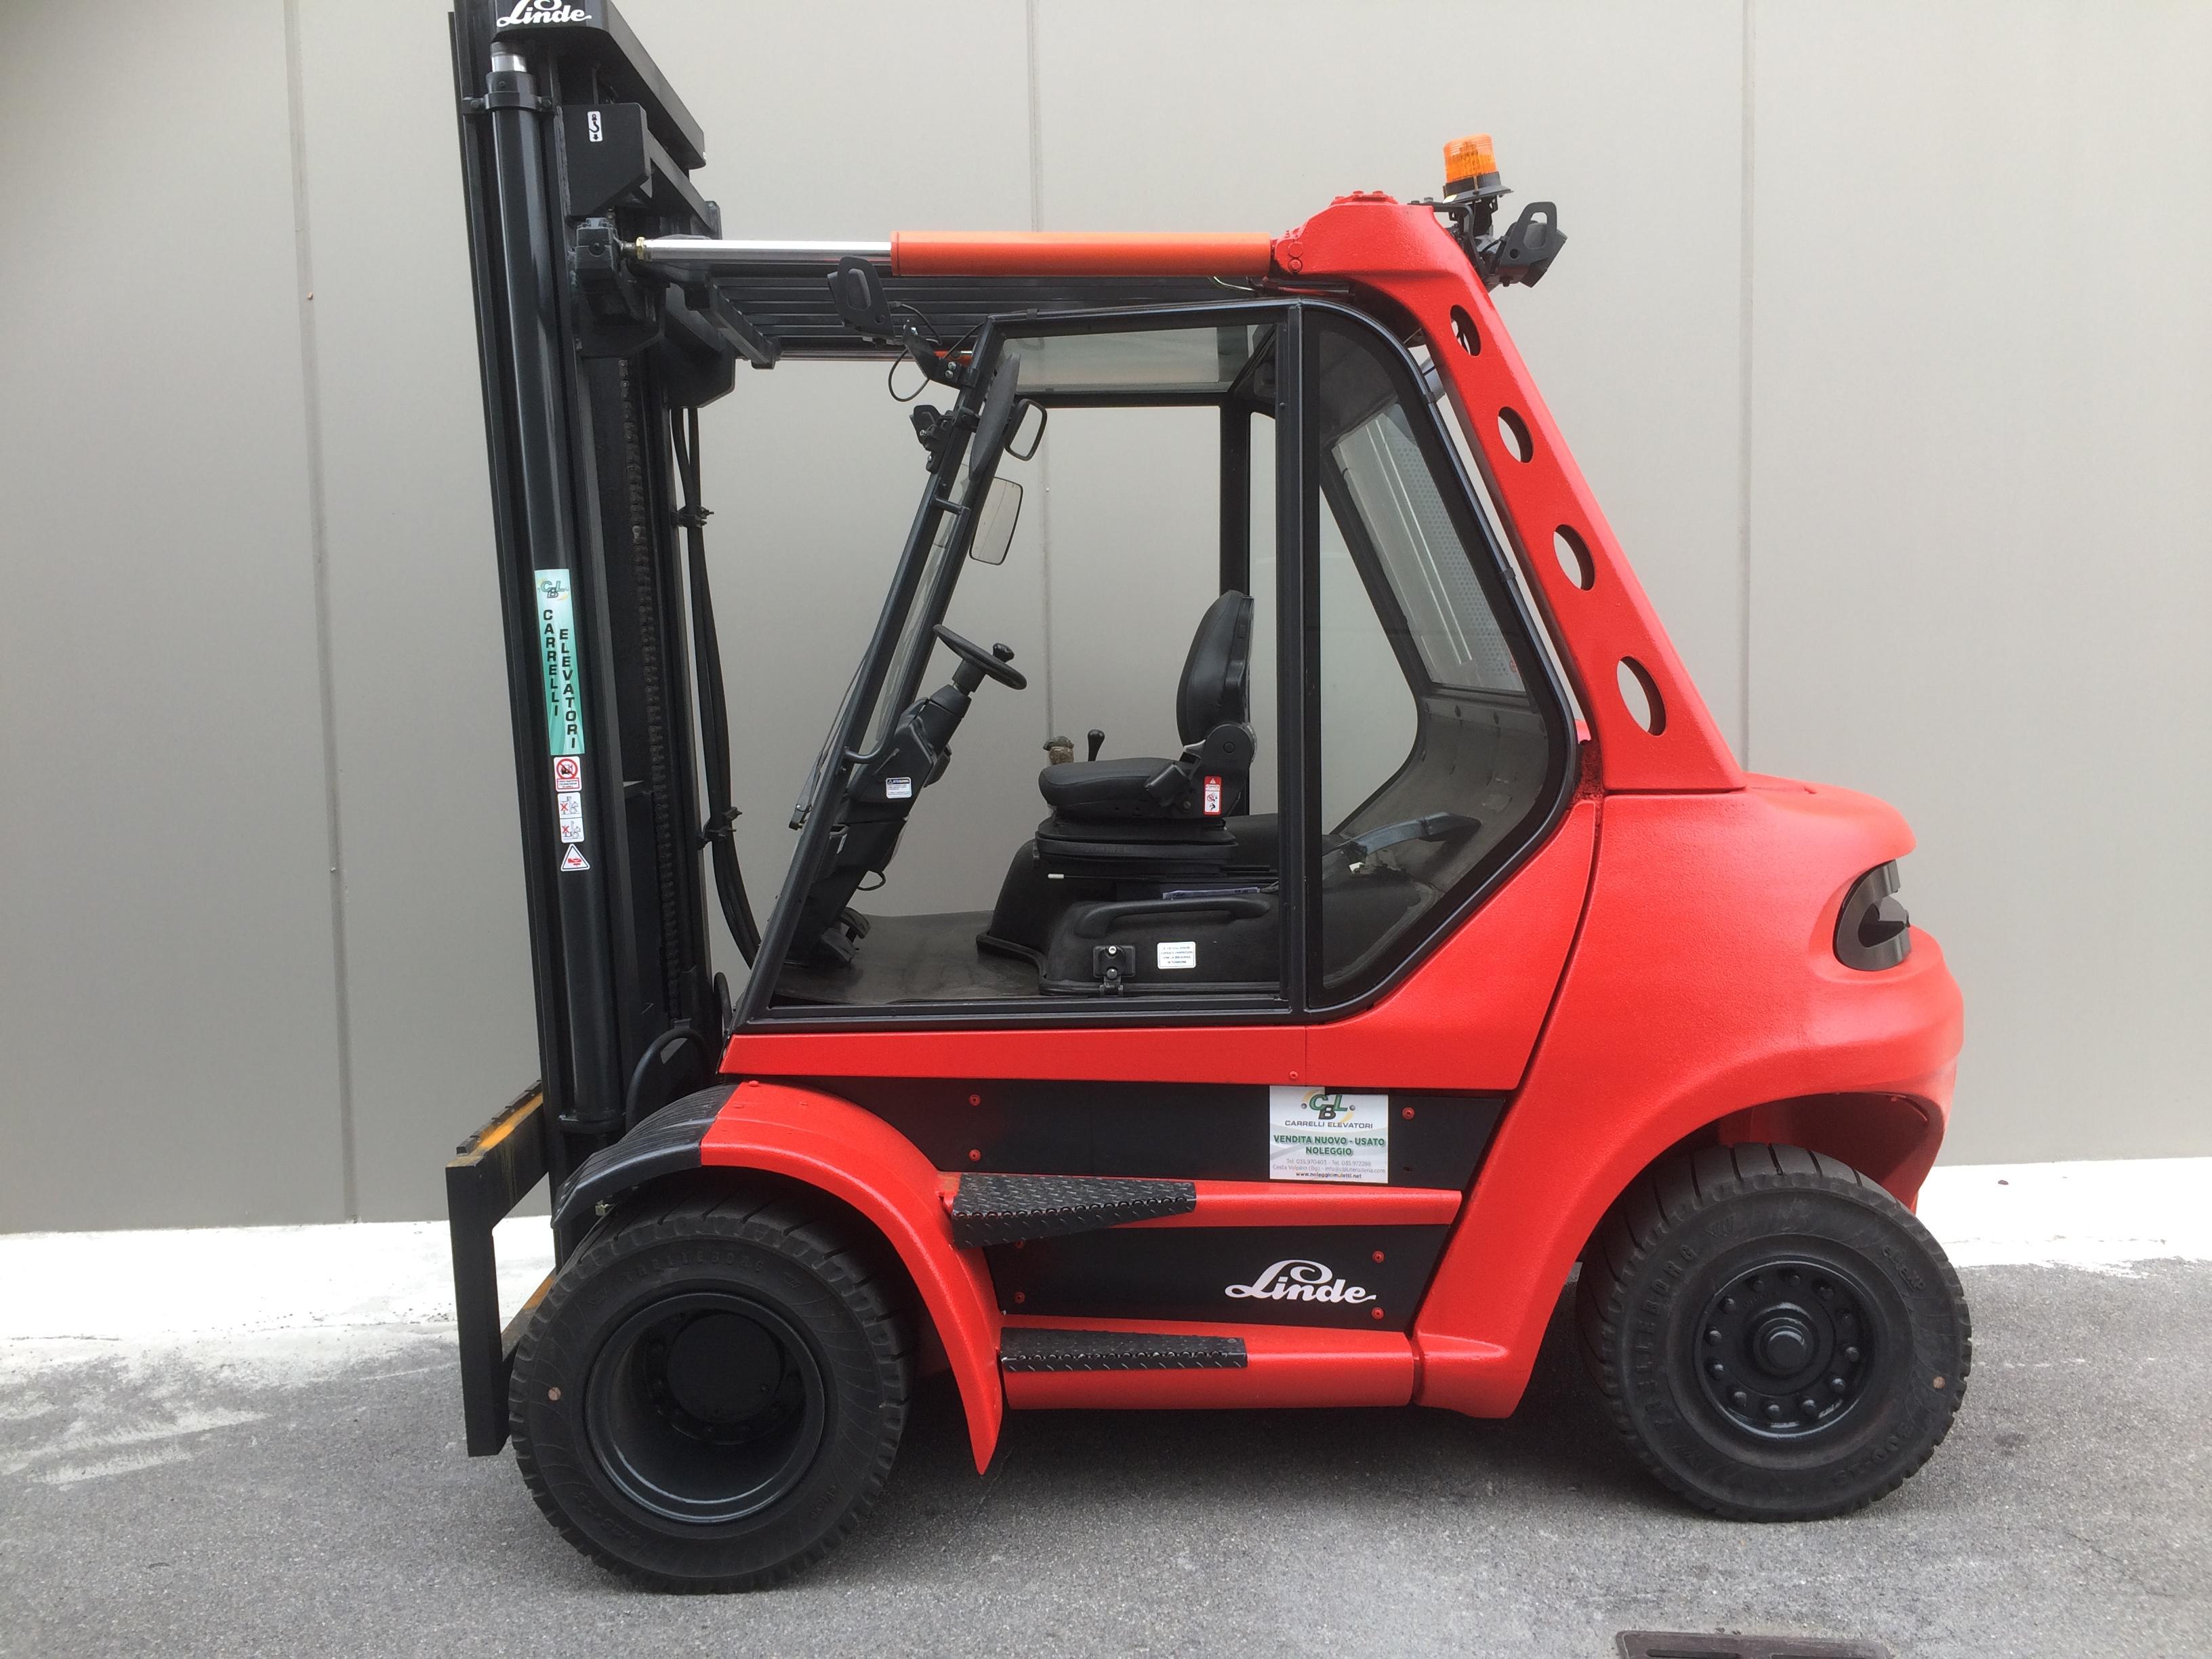 Carrello elevatore diesel linde mod h80d usato usato - Frese per piastrelle ...